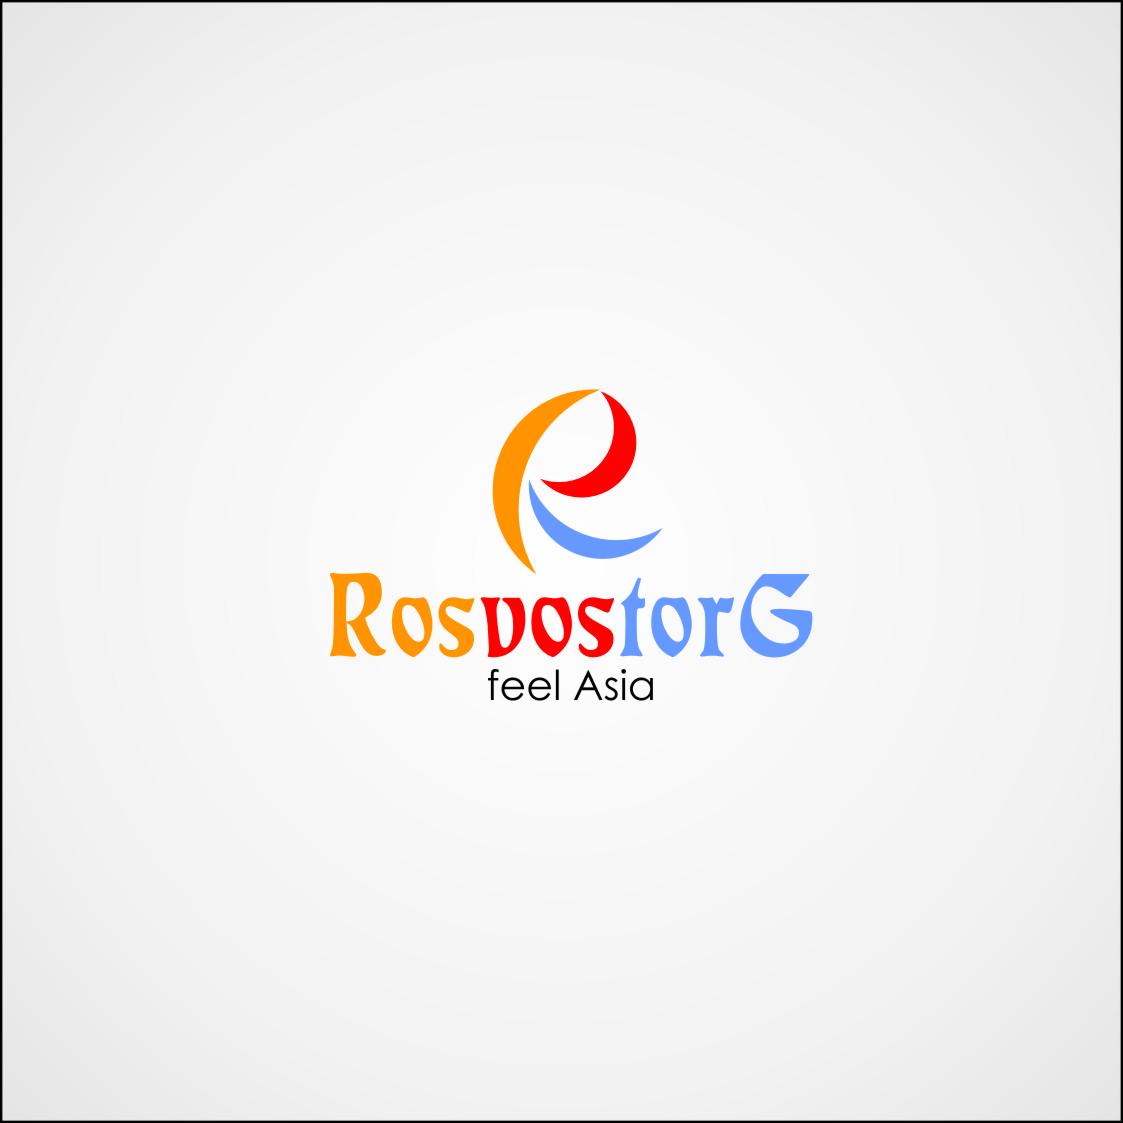 Логотип для компании Росвосторг. Интересные перспективы. фото f_4f86ec1d40773.jpg